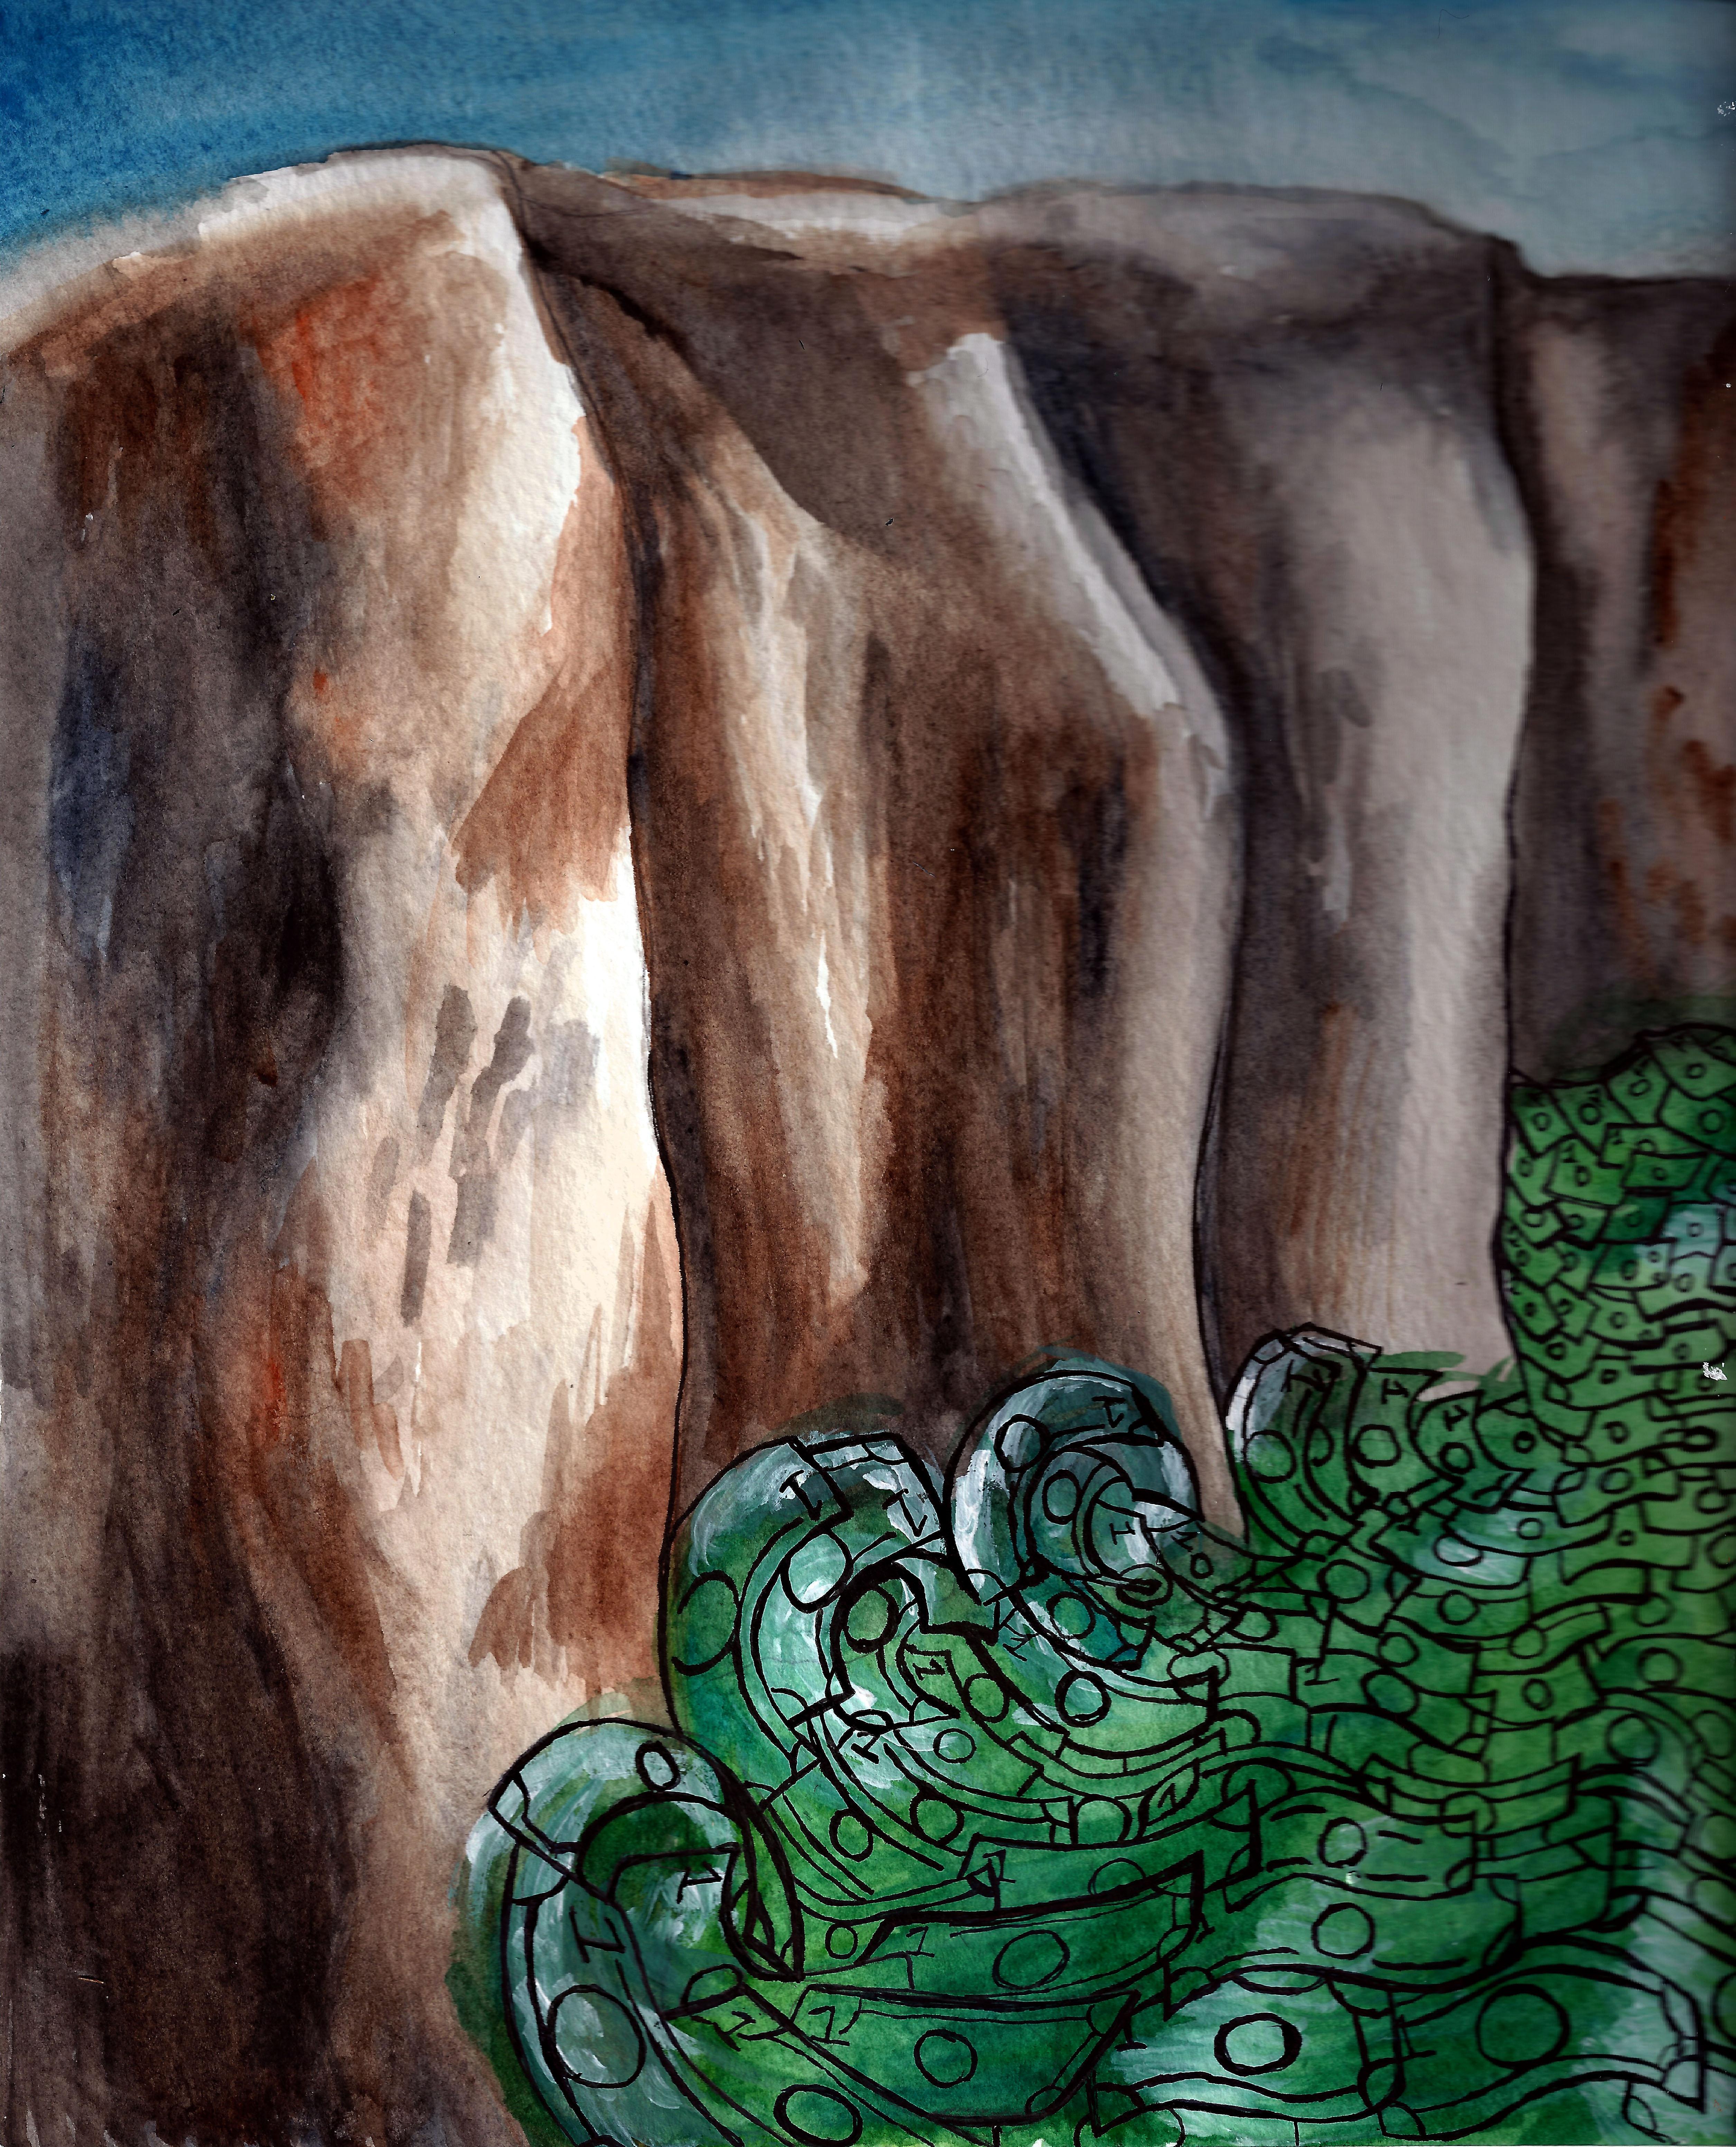 Illustration by Margaret Flatley